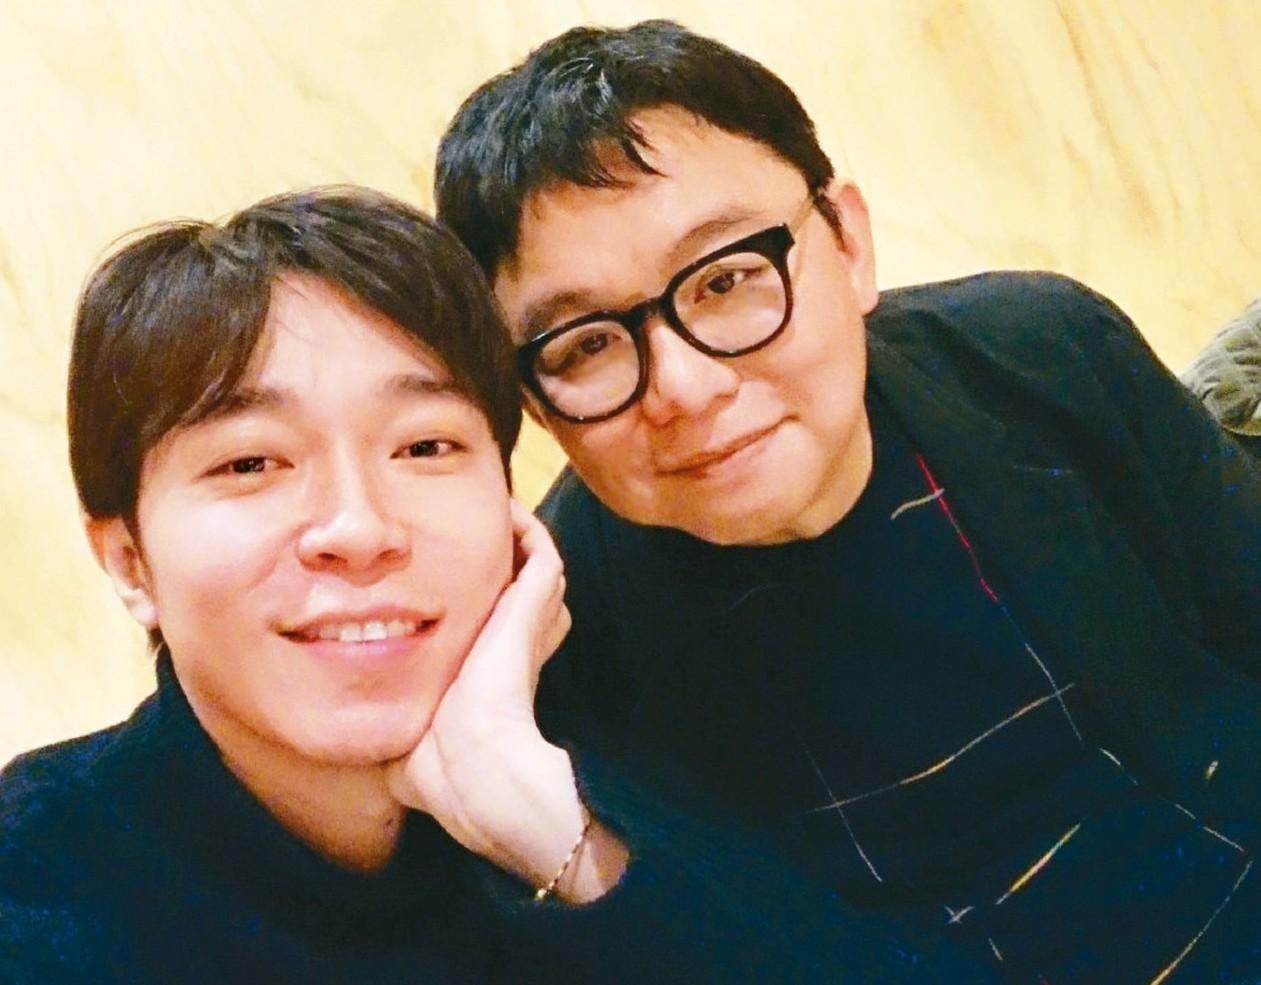 吳青峰(左)宣布和林暐哲結束合約關係。 圖/摘自微博